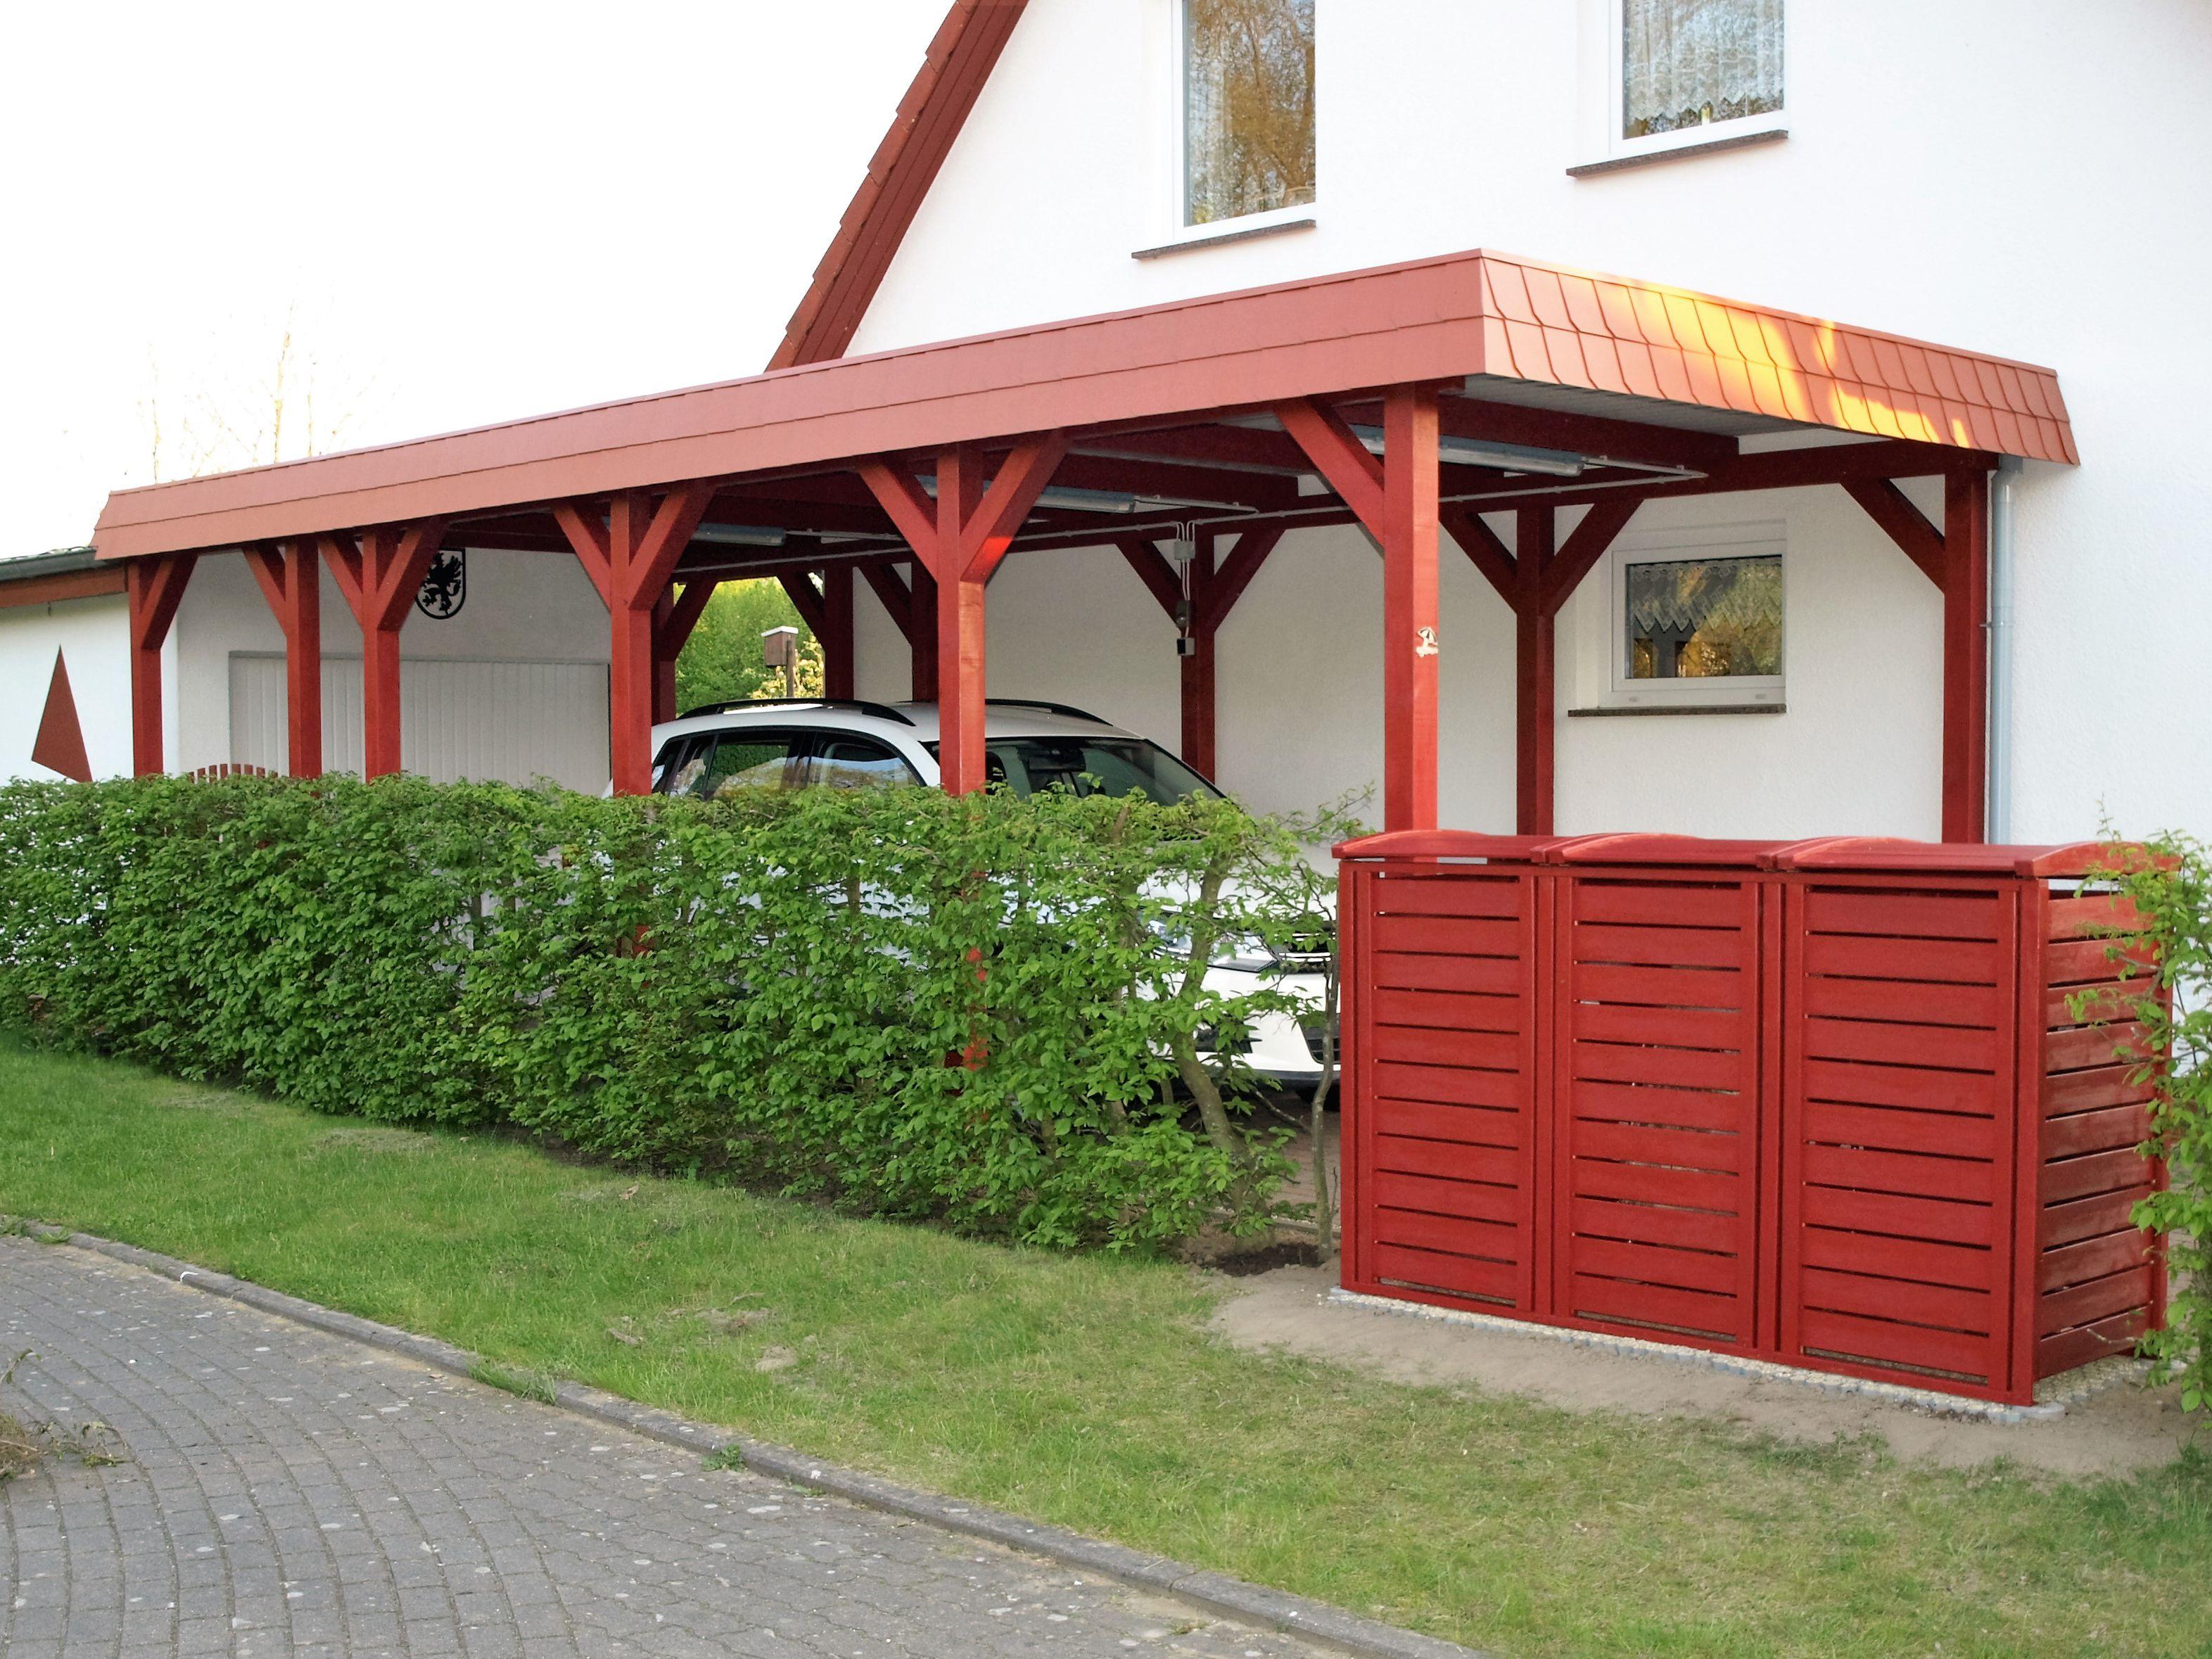 Pin auf Carports aus Holz für Wohnmobil und Caravans